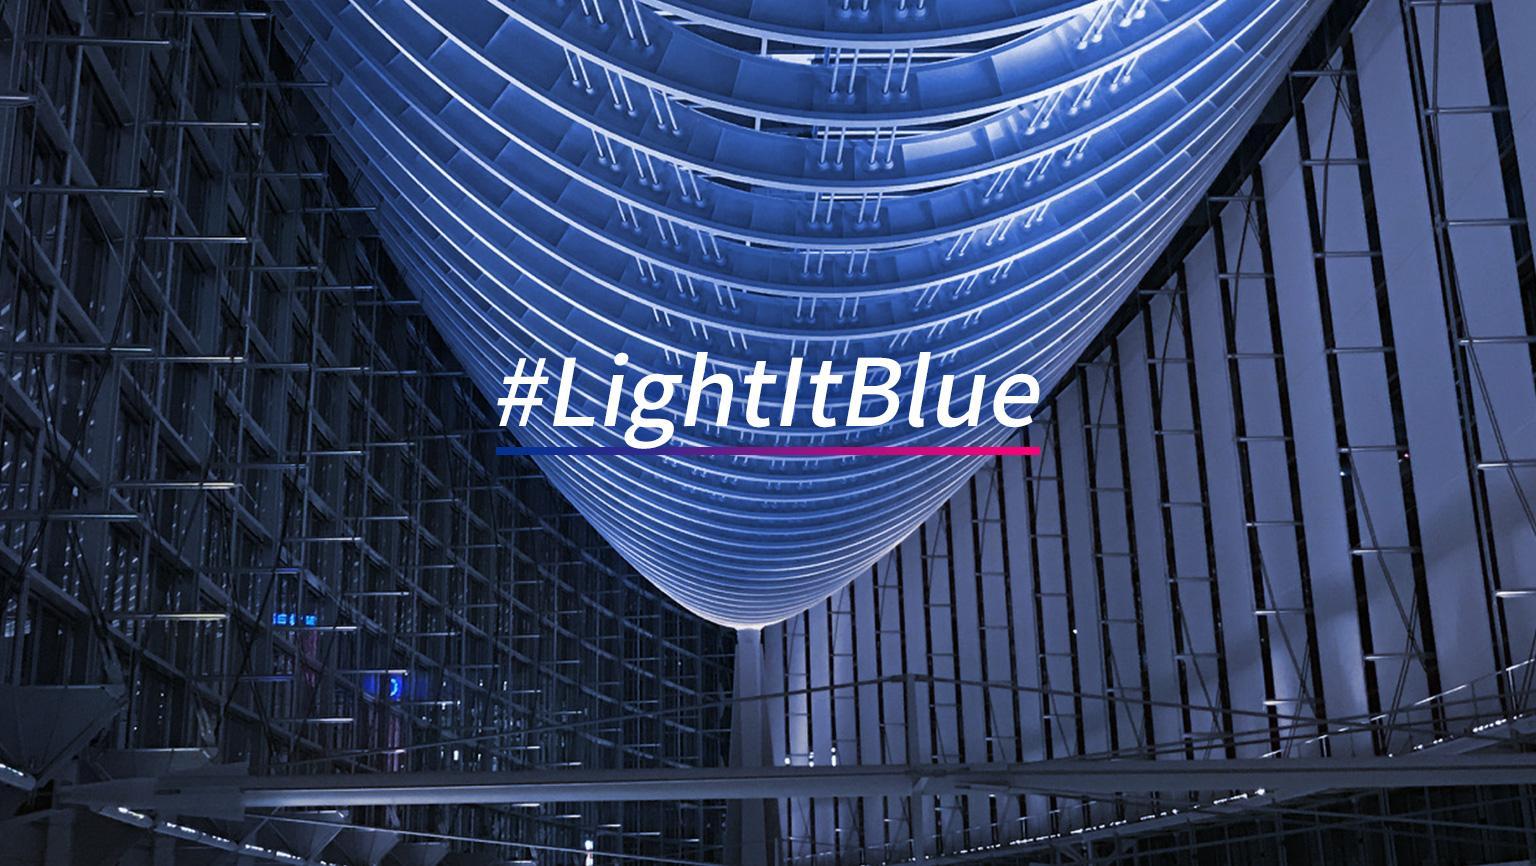 lightitblue